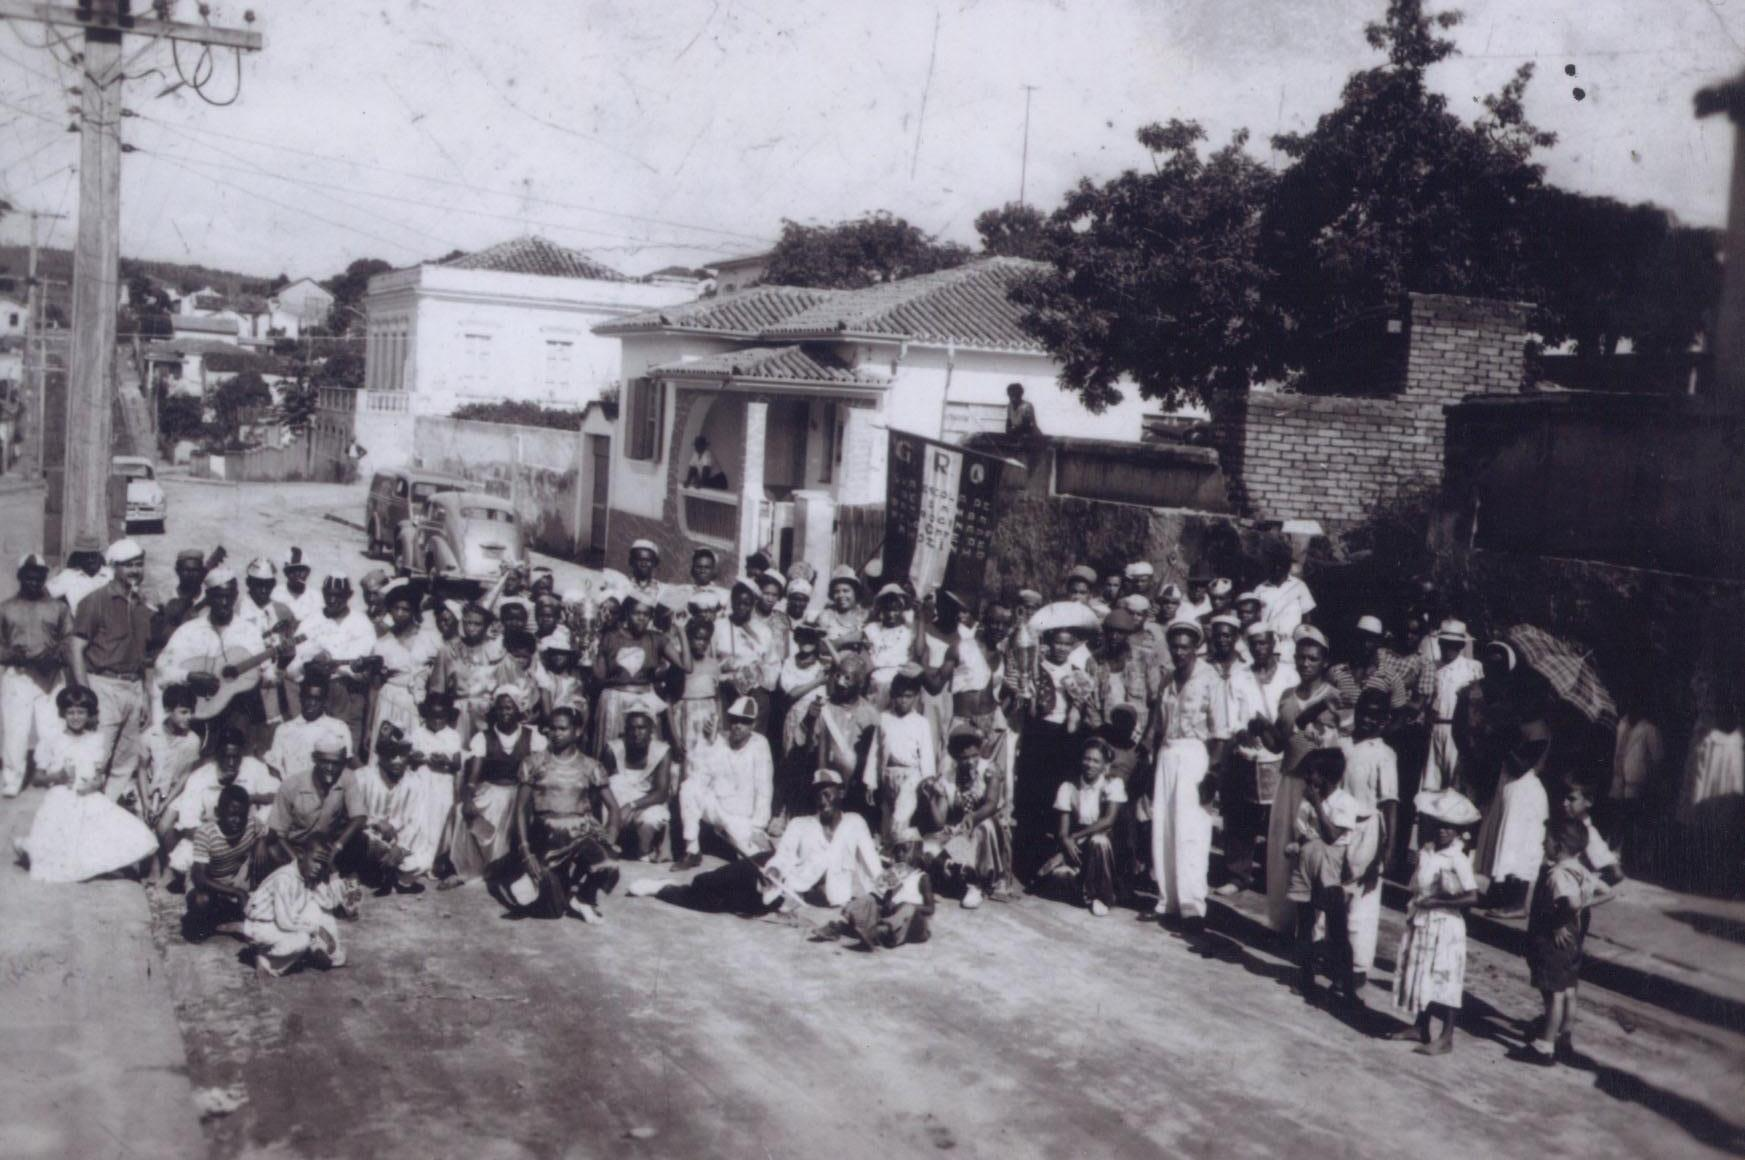 comunidade afros-descendente